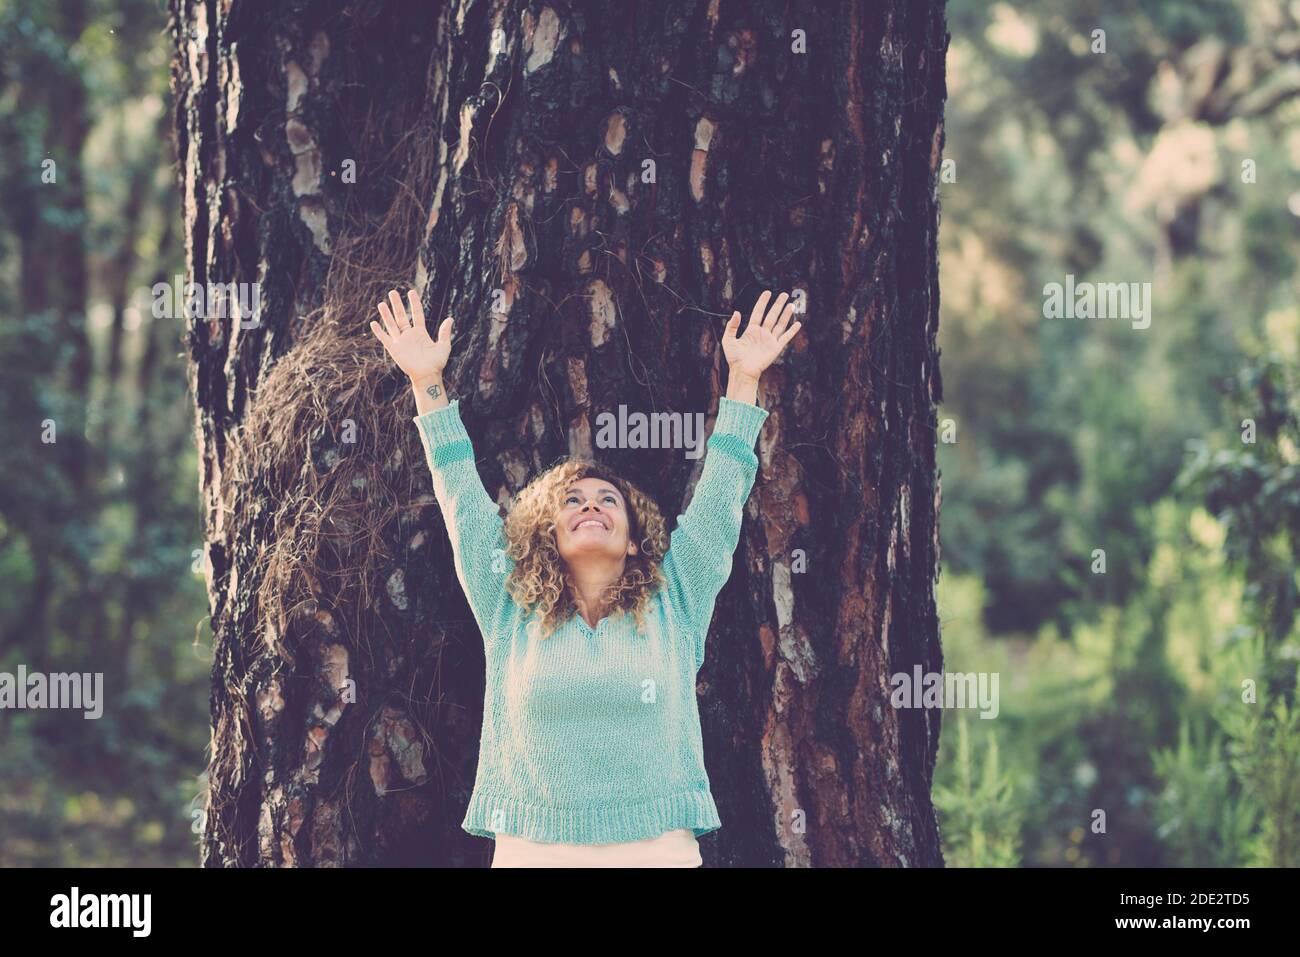 Gai belle jolie femme debout avec grand tronc d'arbre dedans arrière-plan - embrasser le style de vie en plein air et sauver le bois de forêt concewpt - celebo du jour de la terre Banque D'Images